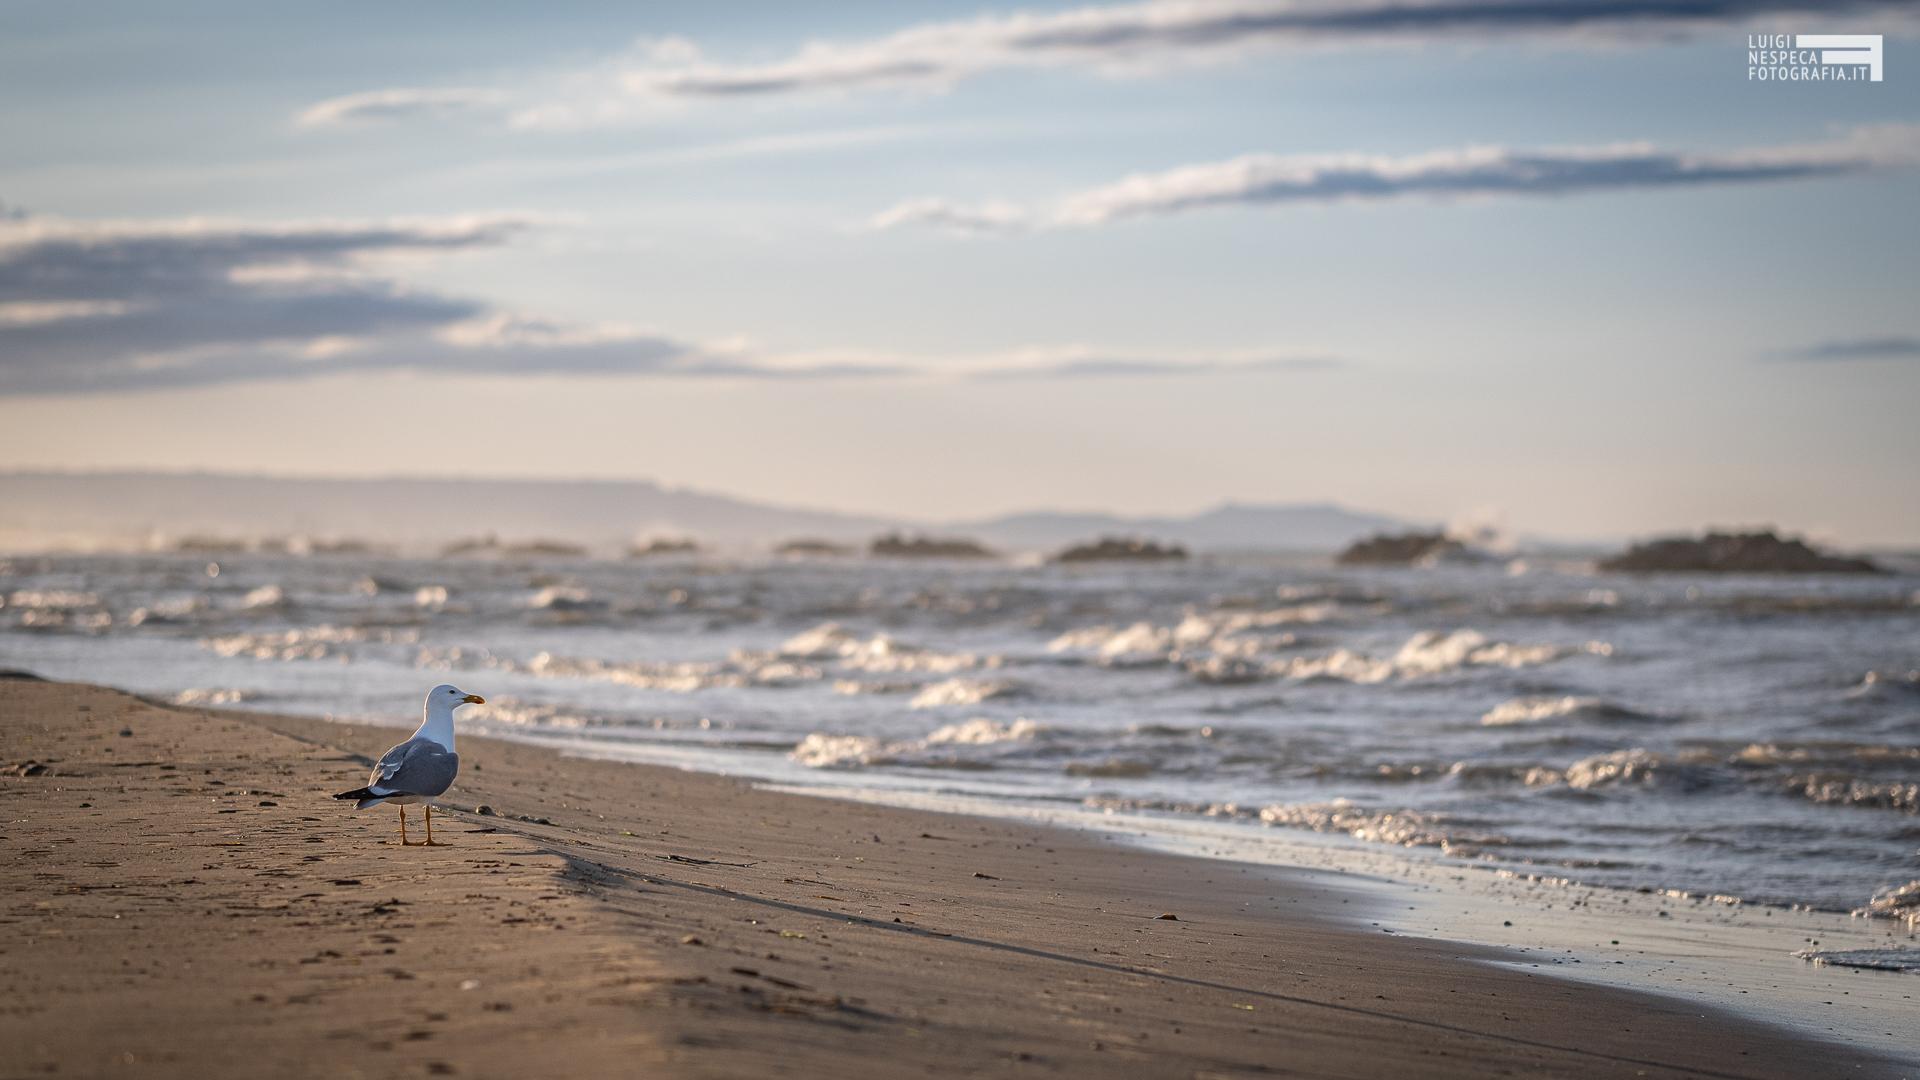 La spiaggia di Francavilla al Mare: un gabbiano nell'ultimo tramonto della FASE I